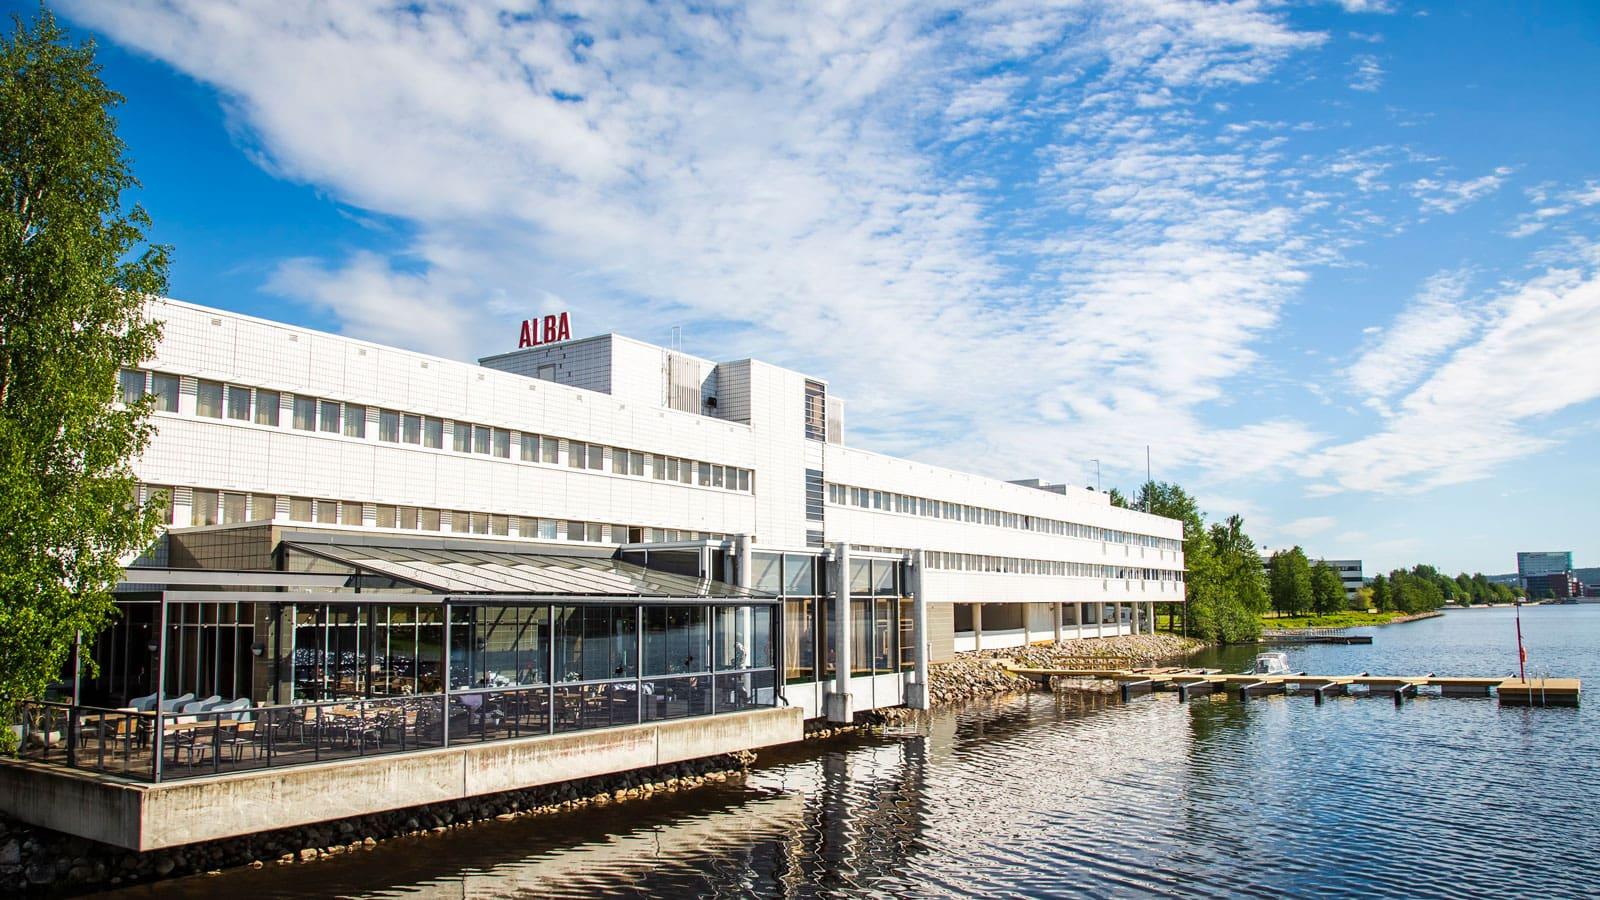 Hotelli Alban rakennus kesällä.